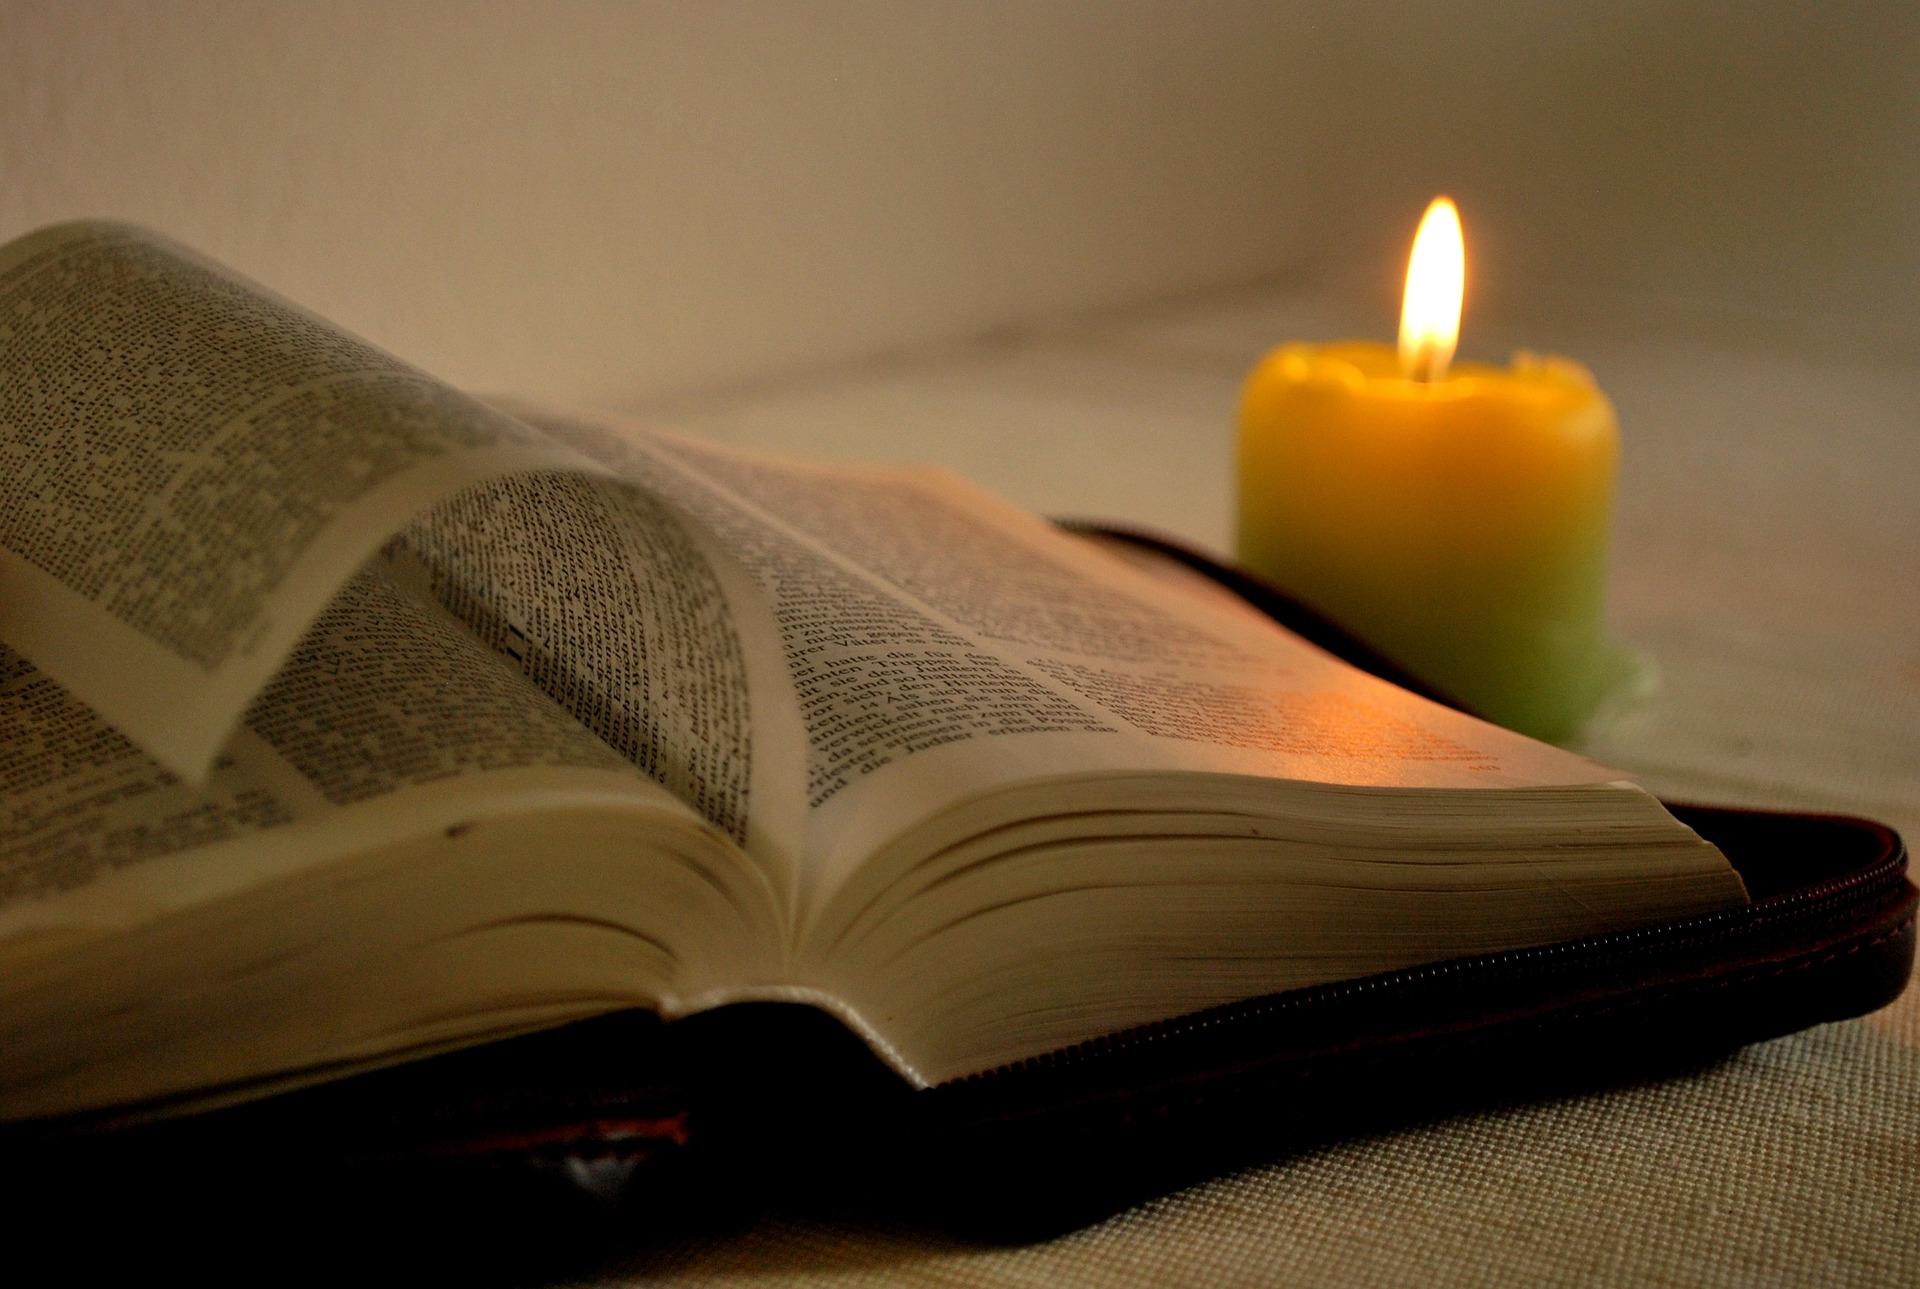 Otwarta Biblia przy świeczce